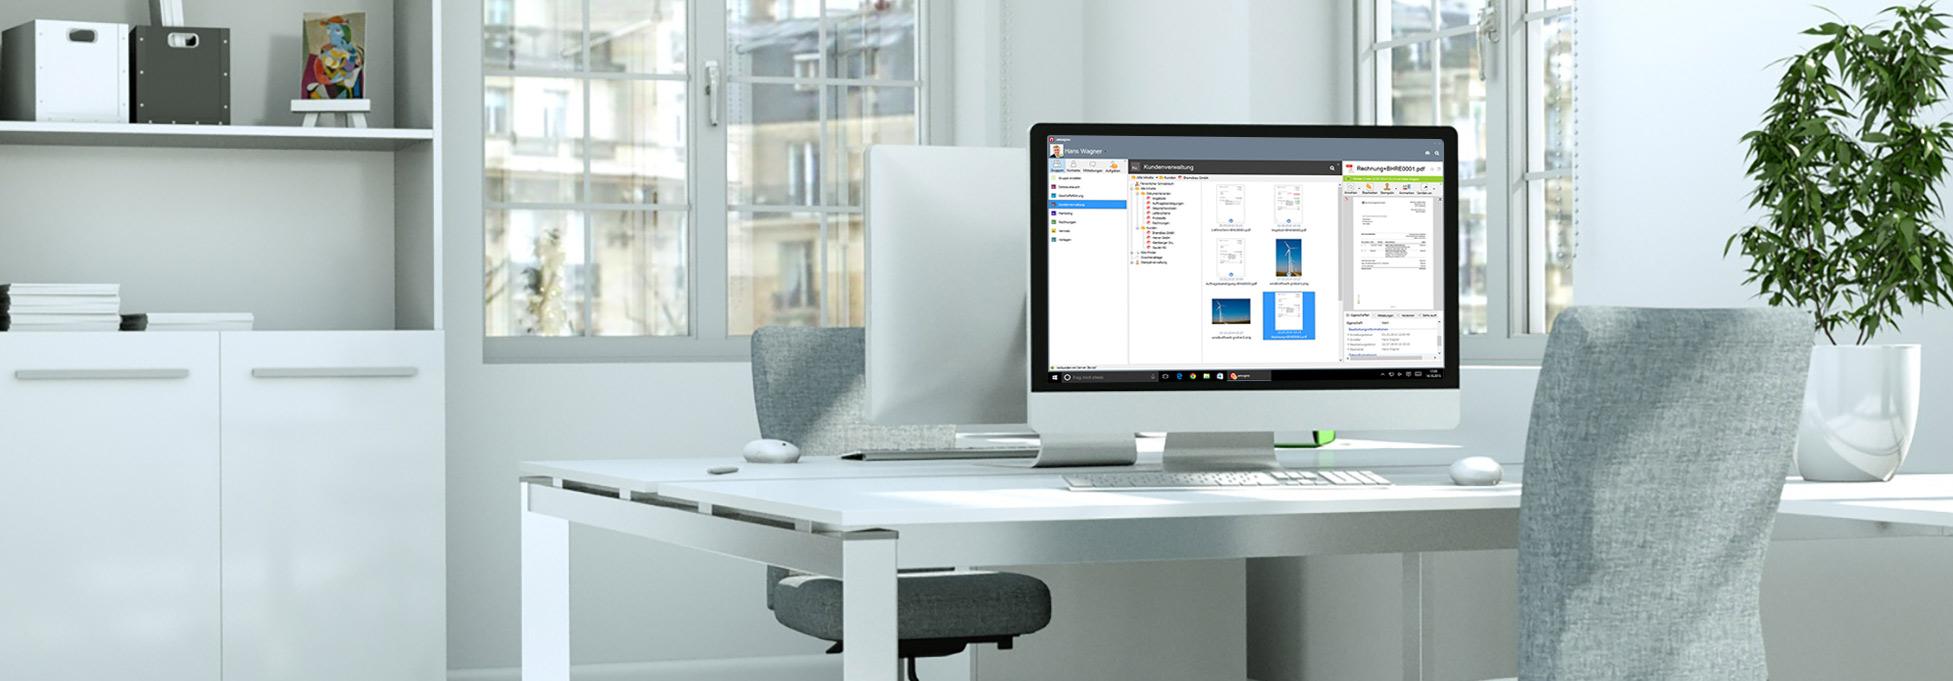 AMAGNO Dokumentenmanagement und Enterprise Content Management